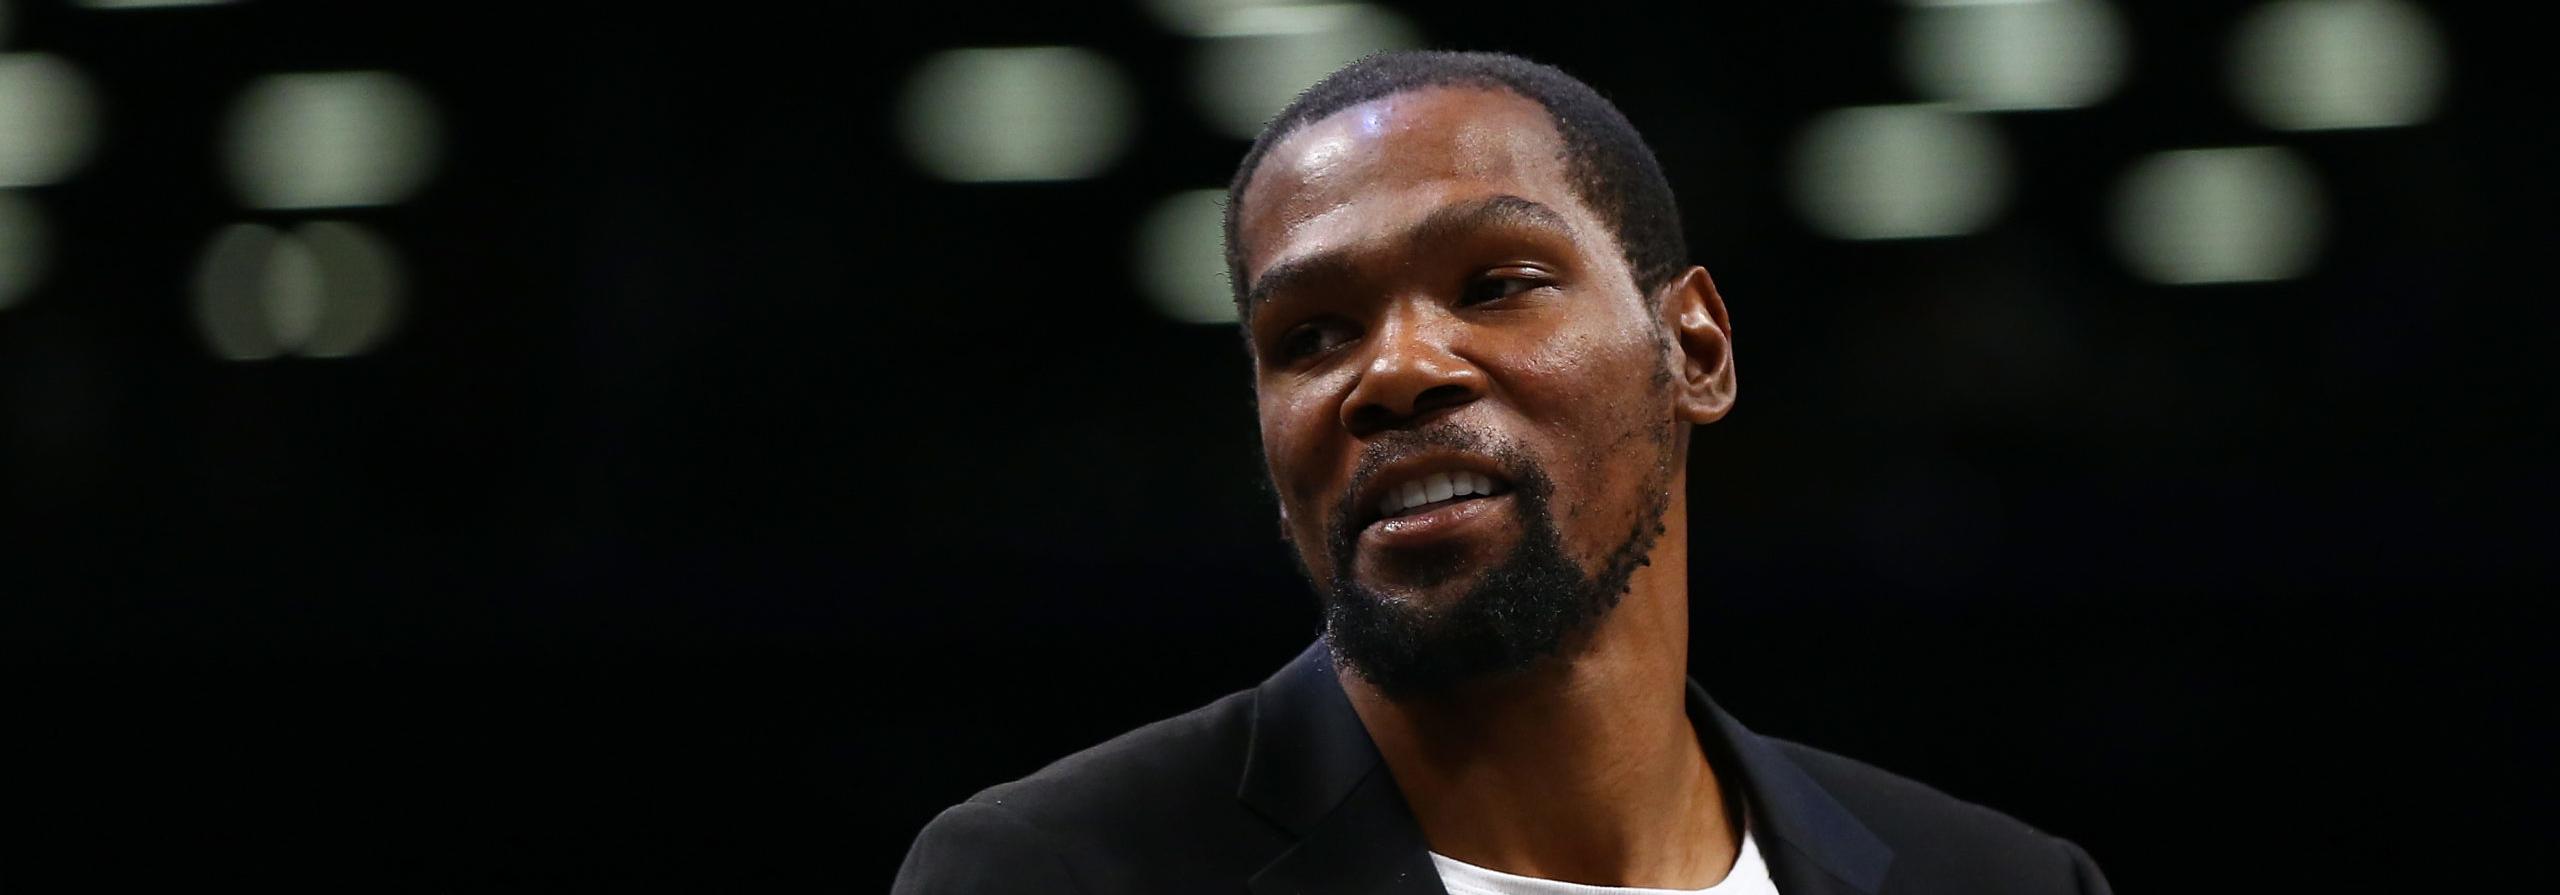 Pronostici NBA, si riparte: Durant contro il suo passato e acceso derby losangelino